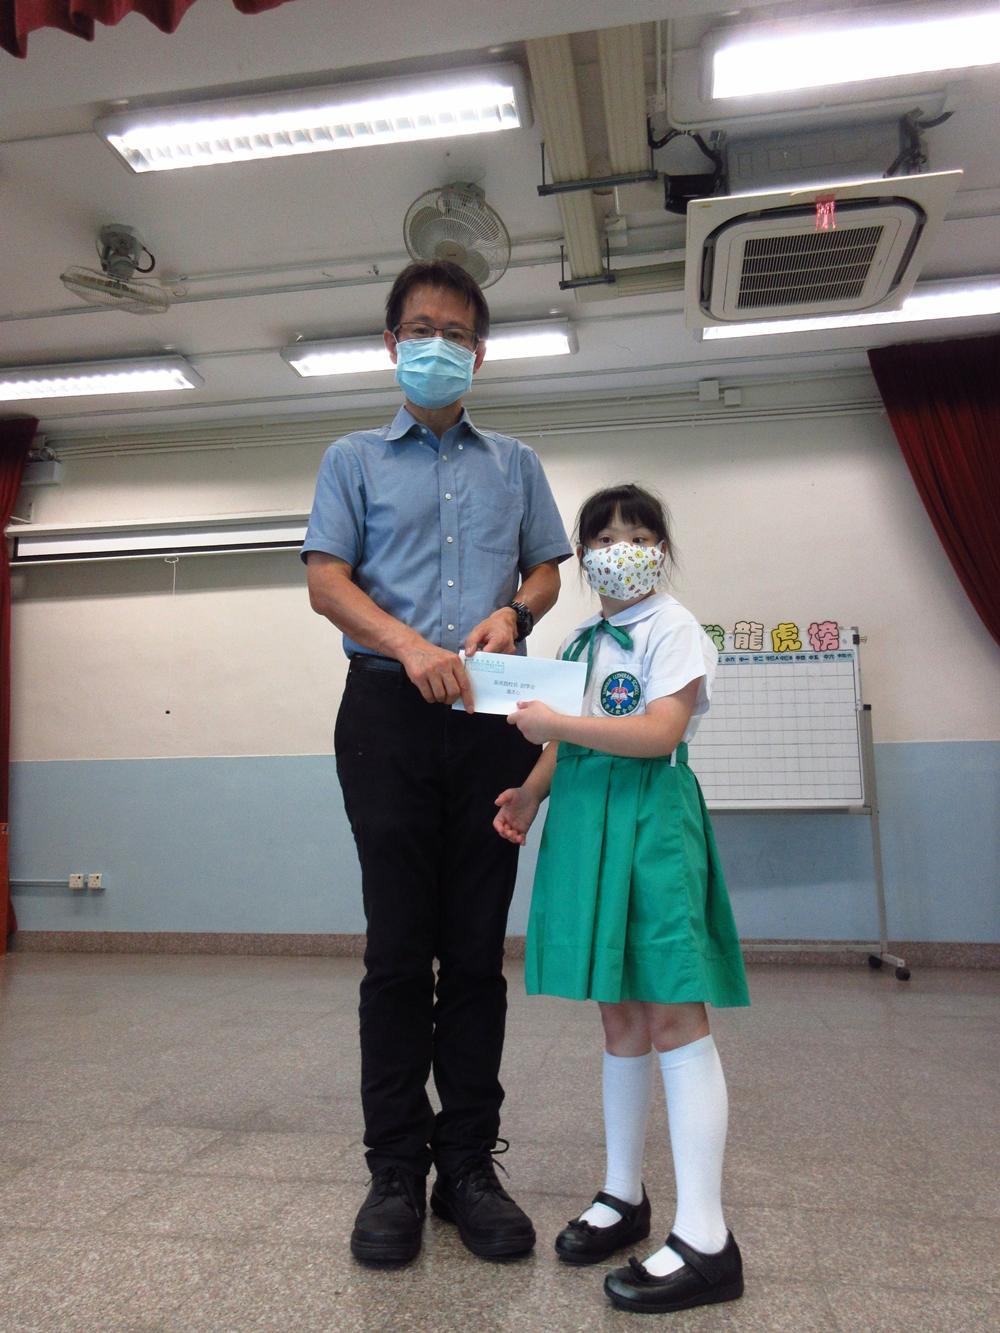 https://www.sls.edu.hk/sites/default/files/04_200622_001.jpg